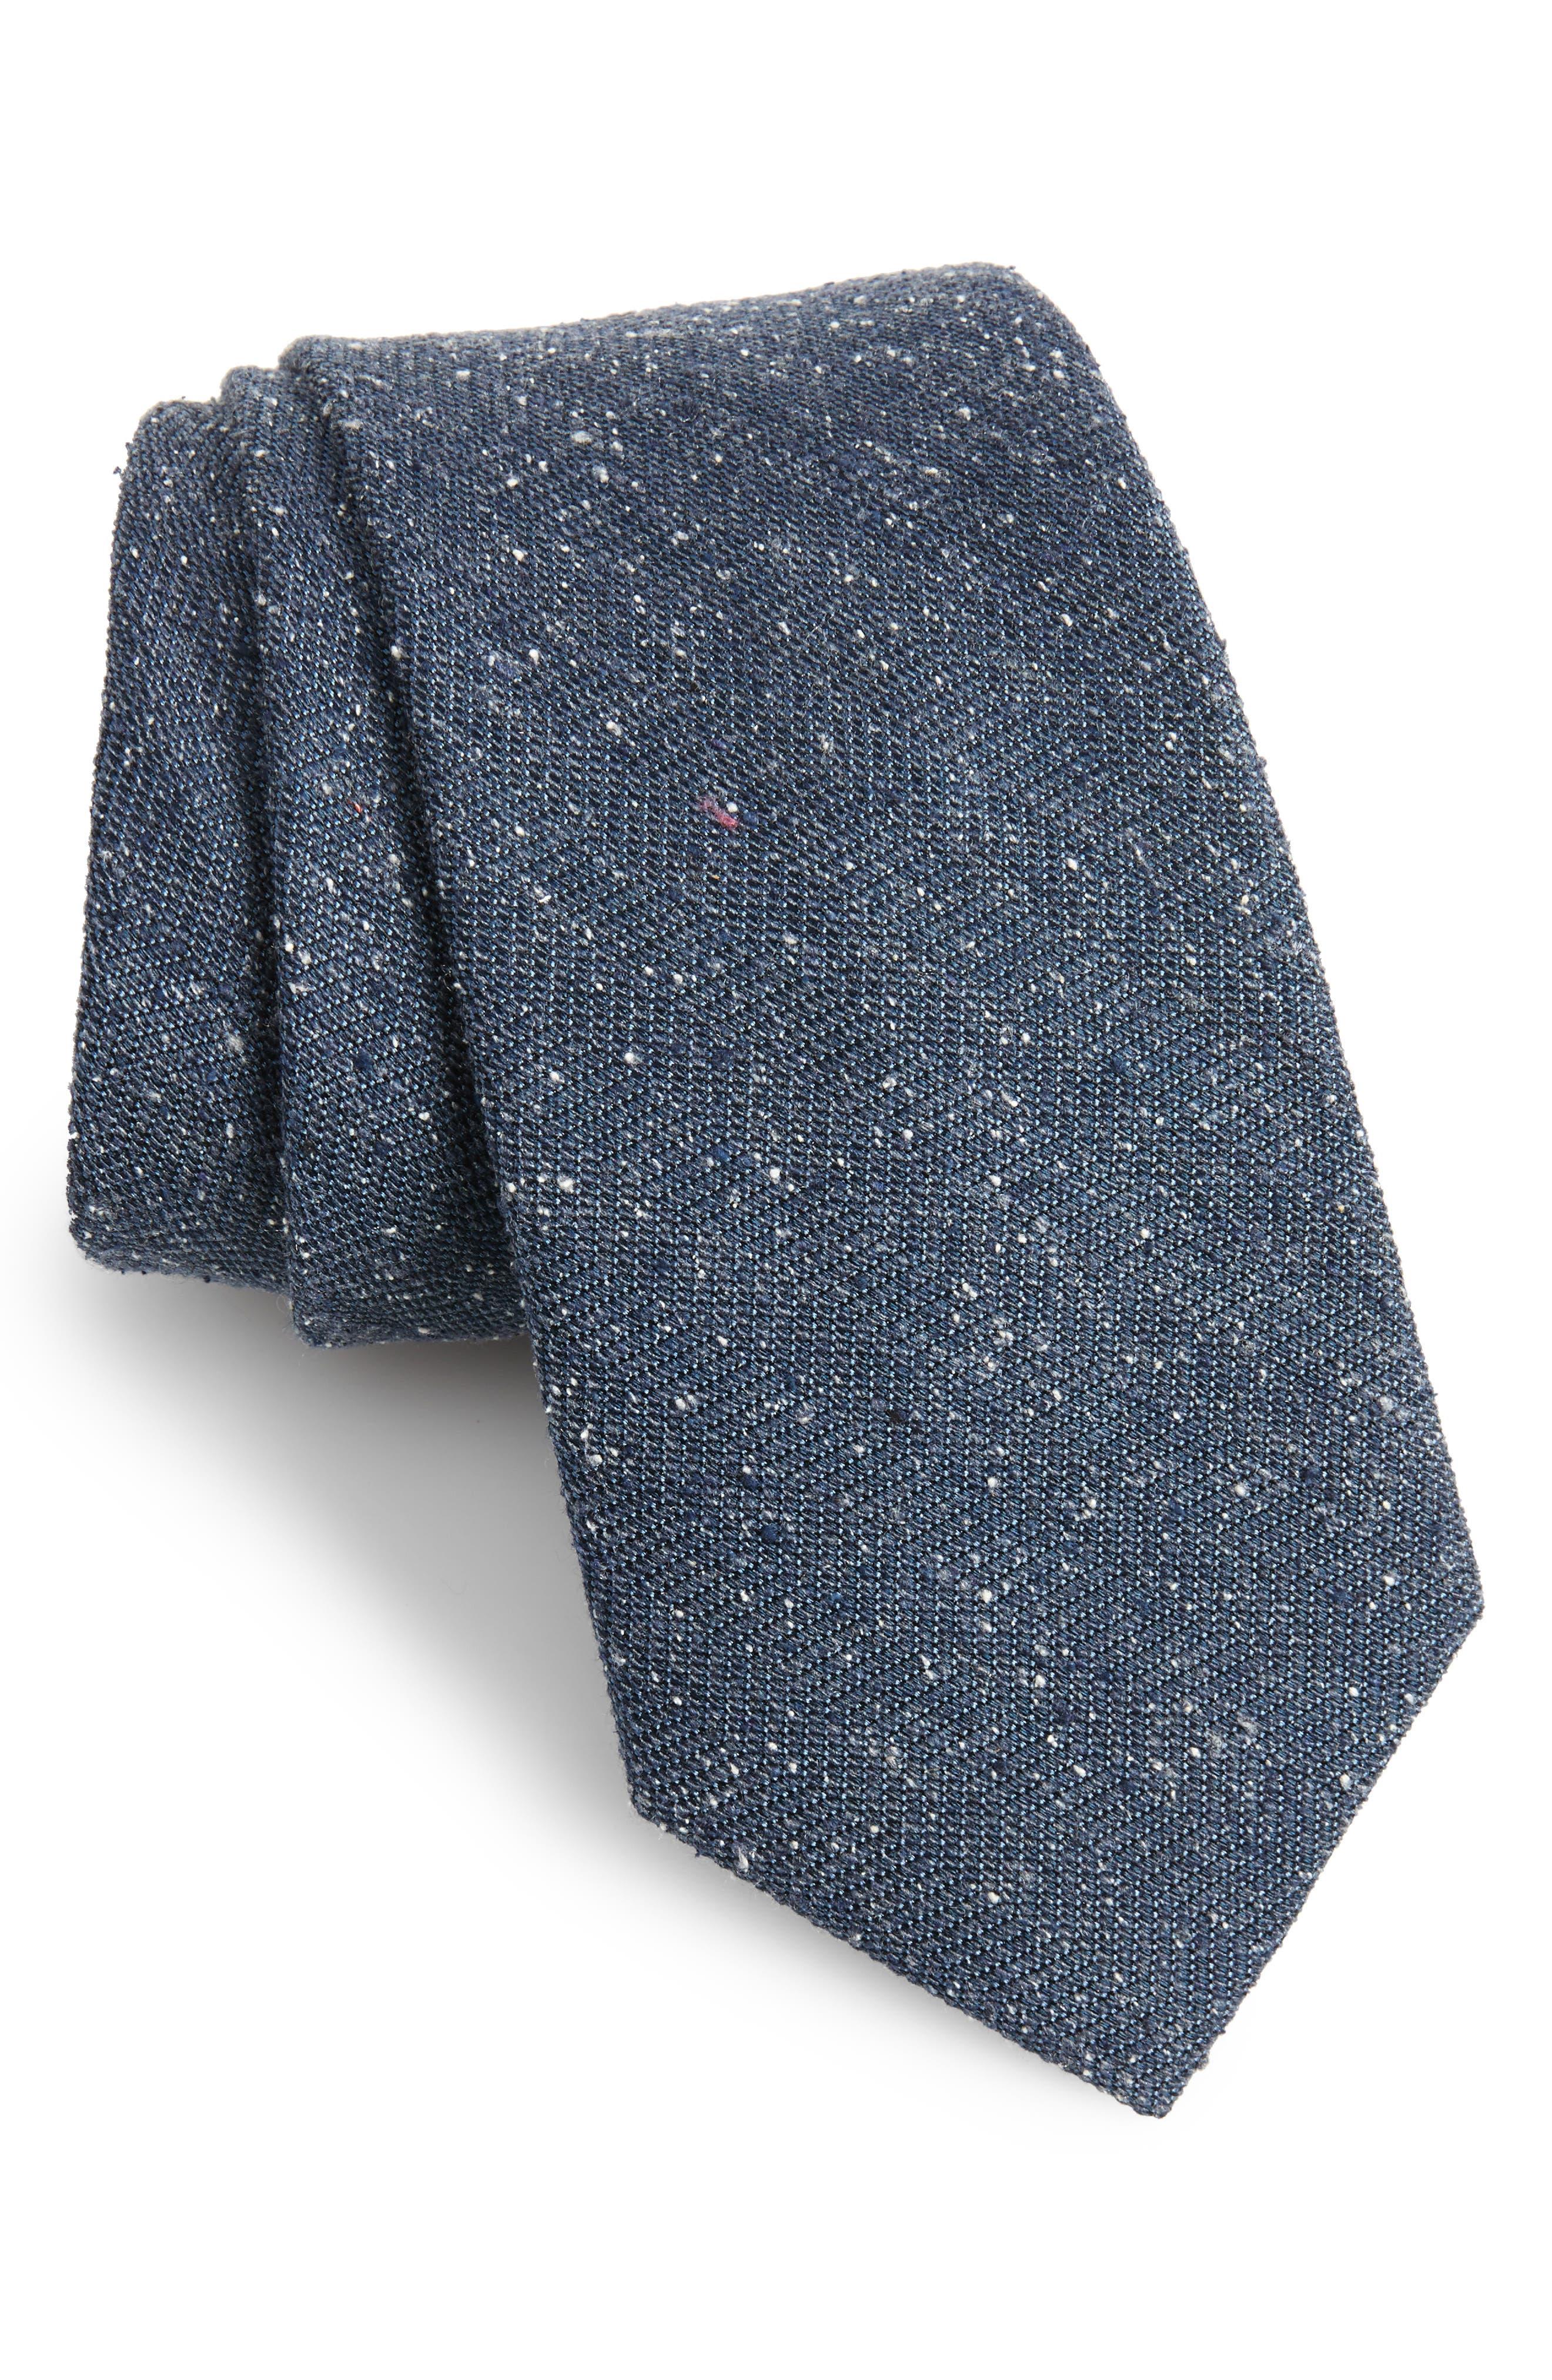 Alternate Image 1 Selected - The Tie Bar Herringbone Silk Tie (X-Long)